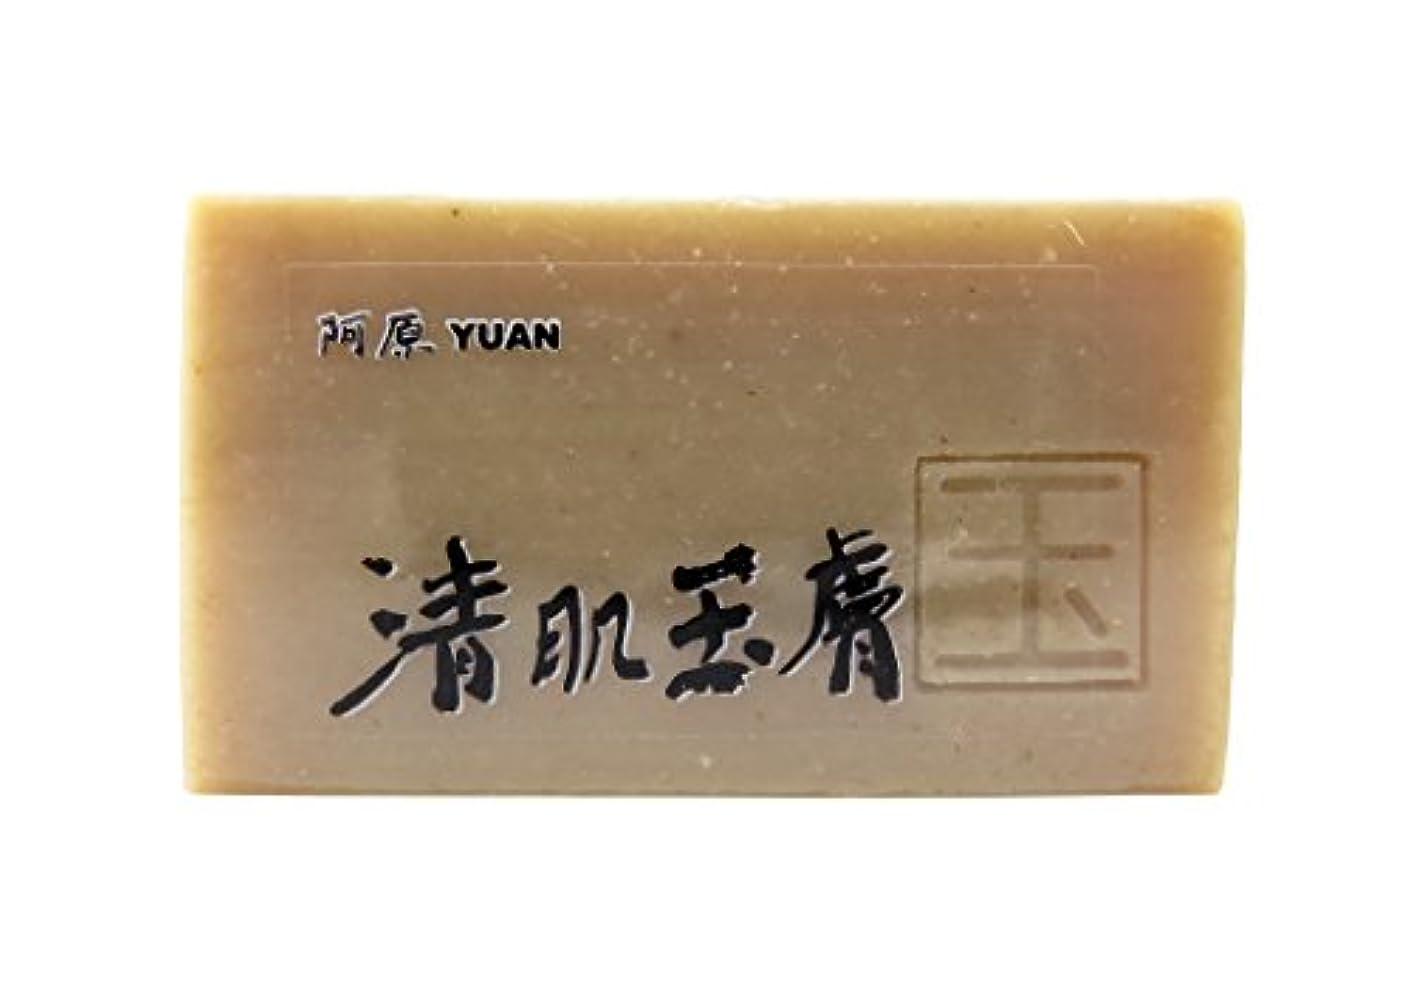 スラックアシスタントカフェユアン(YUAN) 清玉(せいぎょく)ソープ 固形 100g (阿原 ユアンソープ)